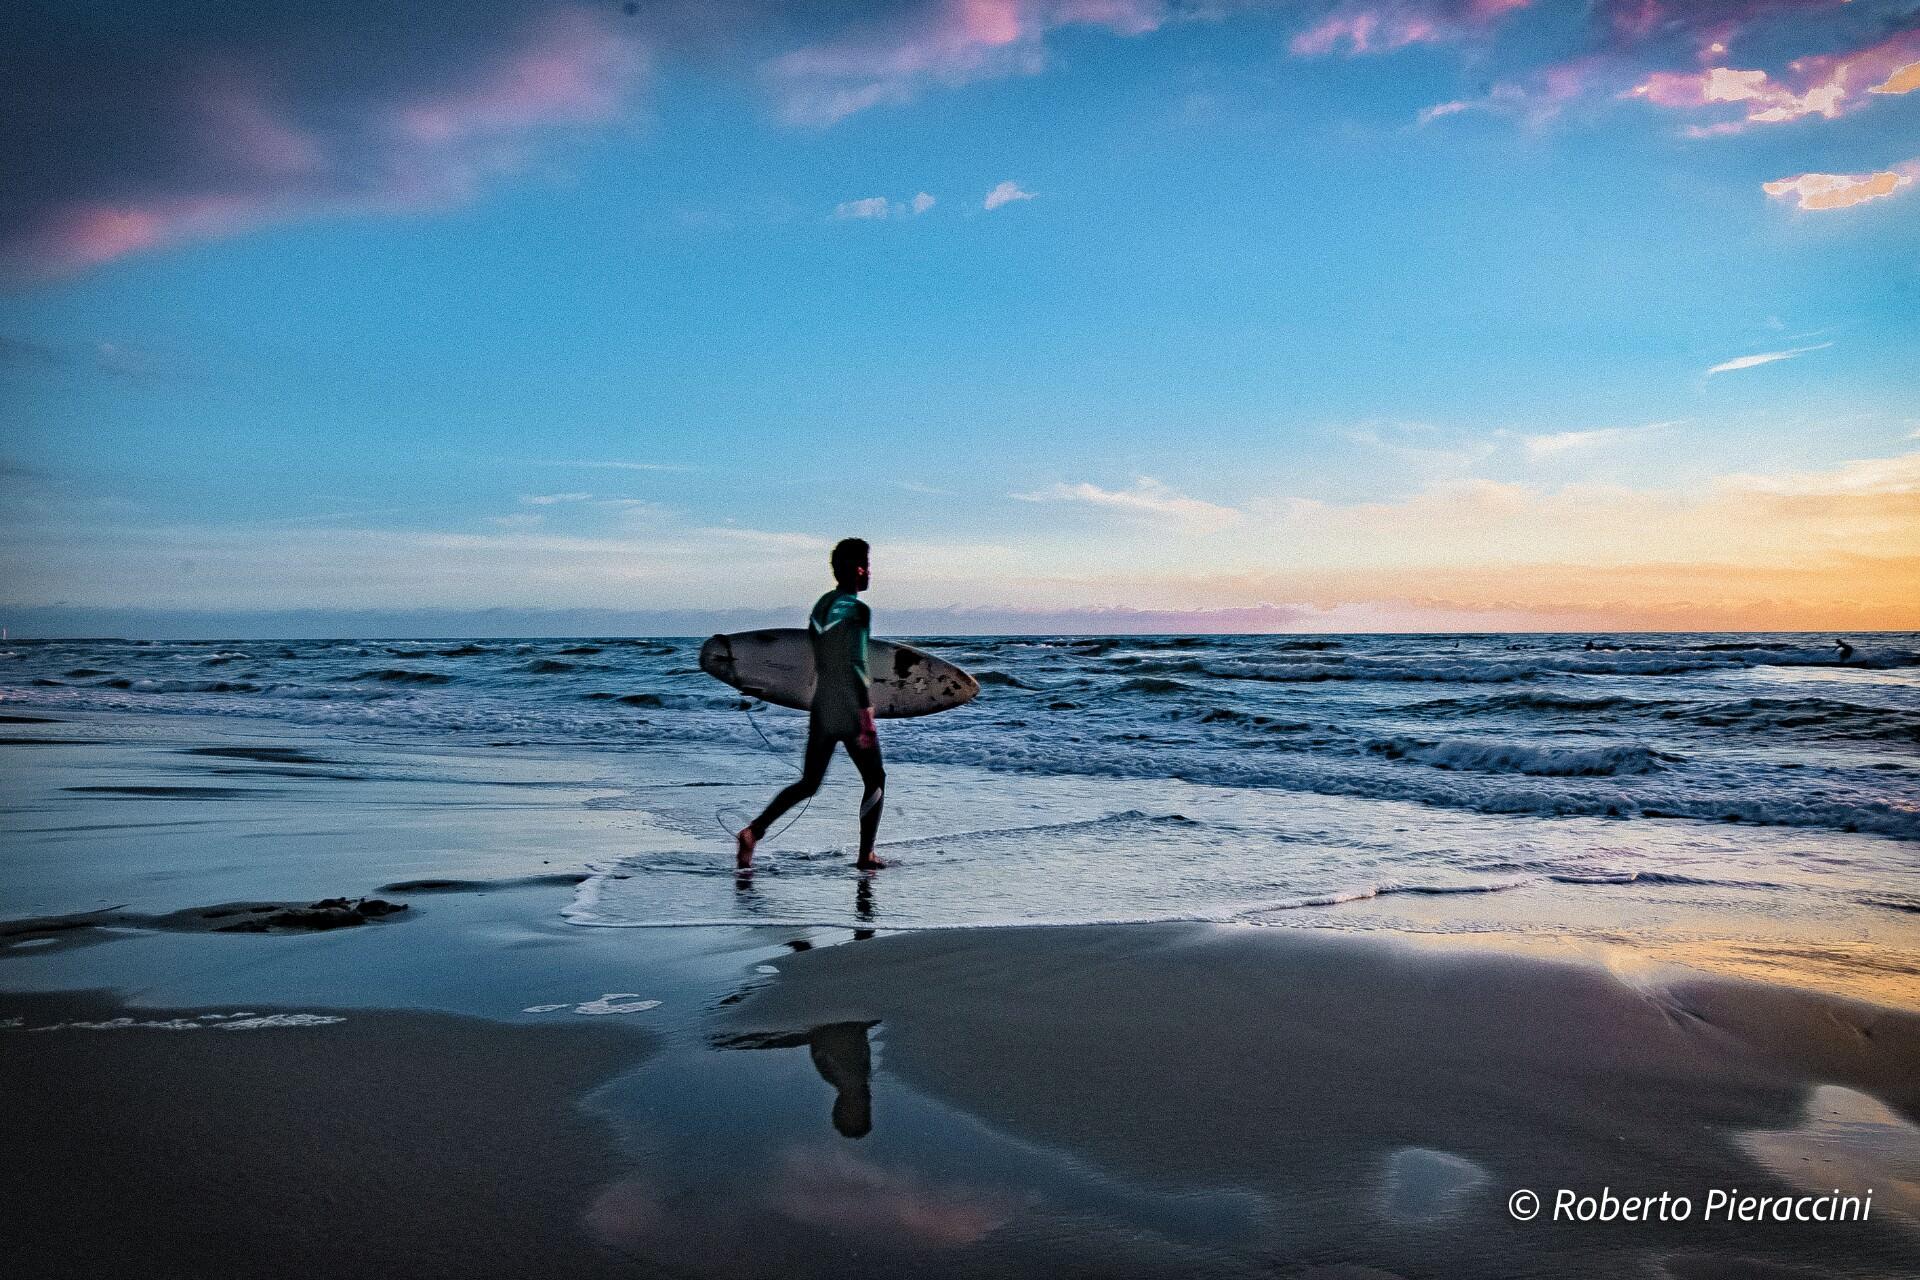 Turisti rischiano di affogare. Salvati da due surfisti